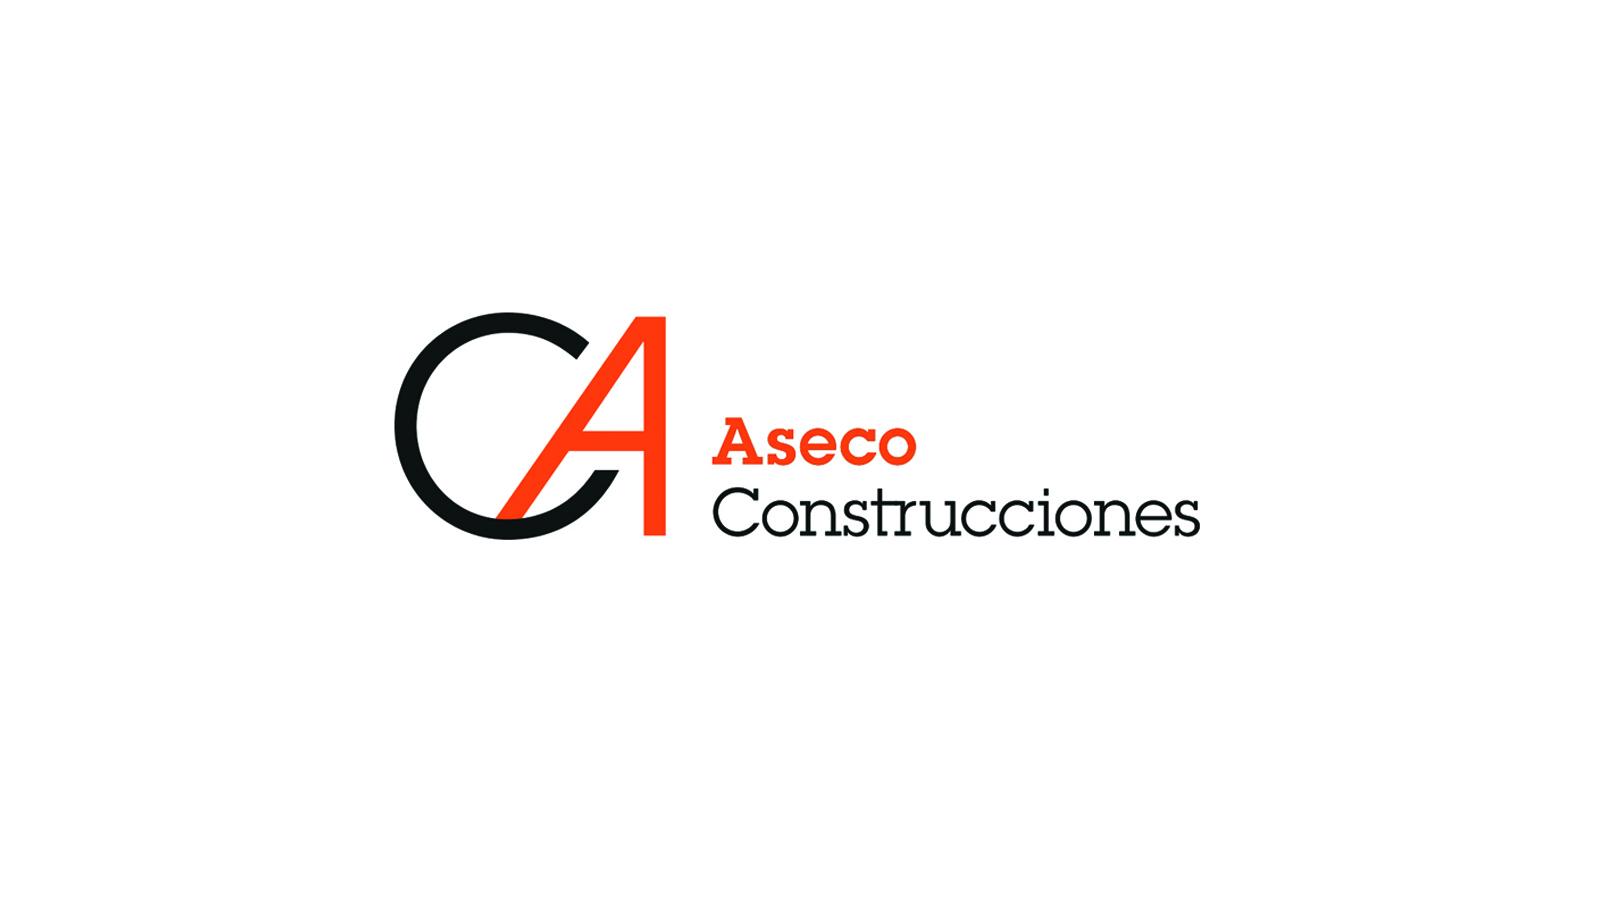 Aseco Construcciones